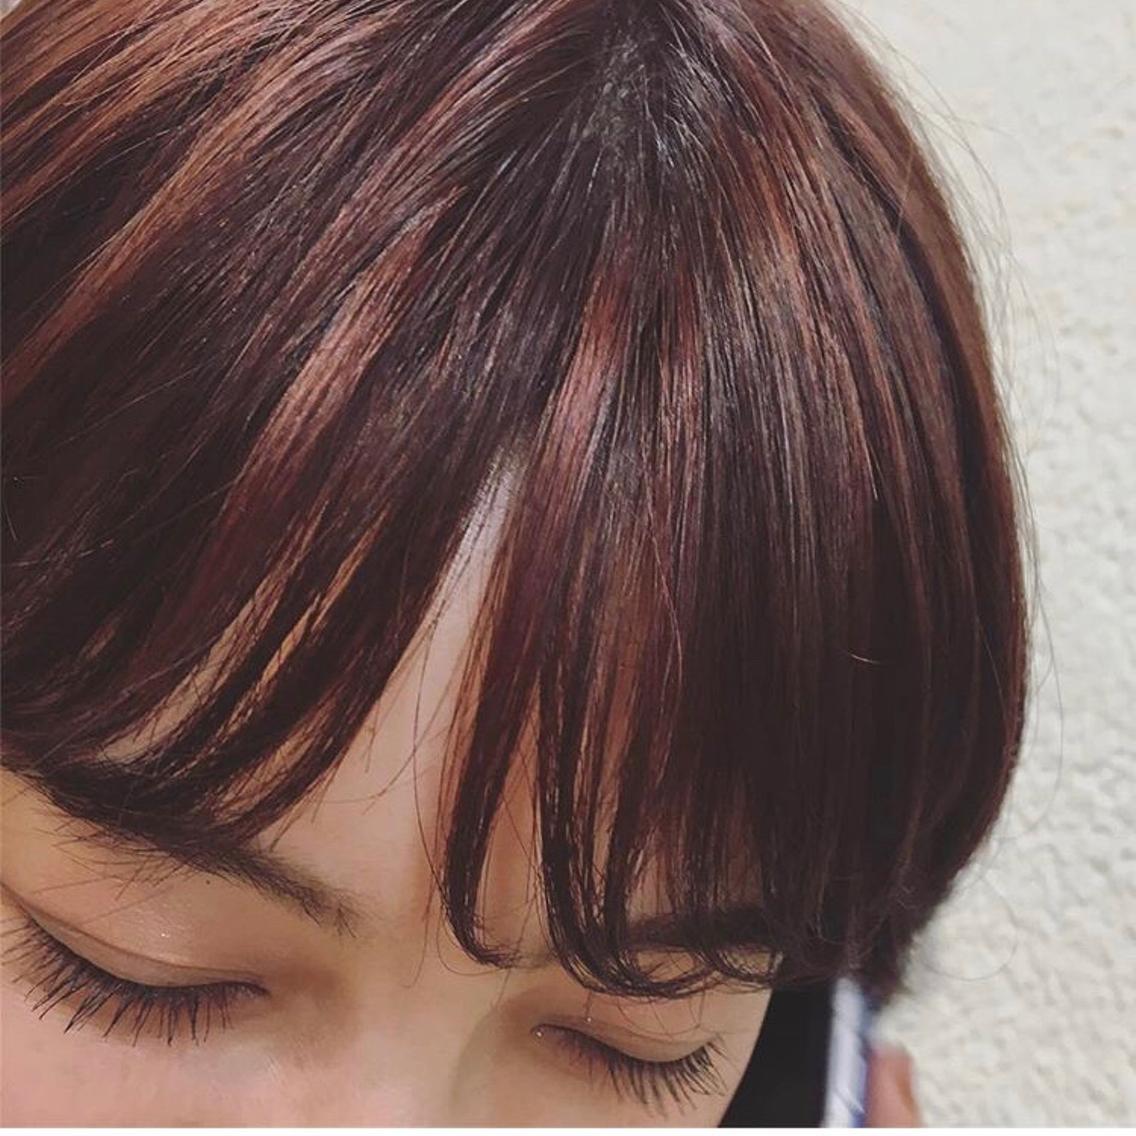 #ショート #カラー まえがみともみあげにハイライトを入れて、鮮やかな赤がチラチラ🥀よく見たらわかるくらいがおしゃれ🥀🥀